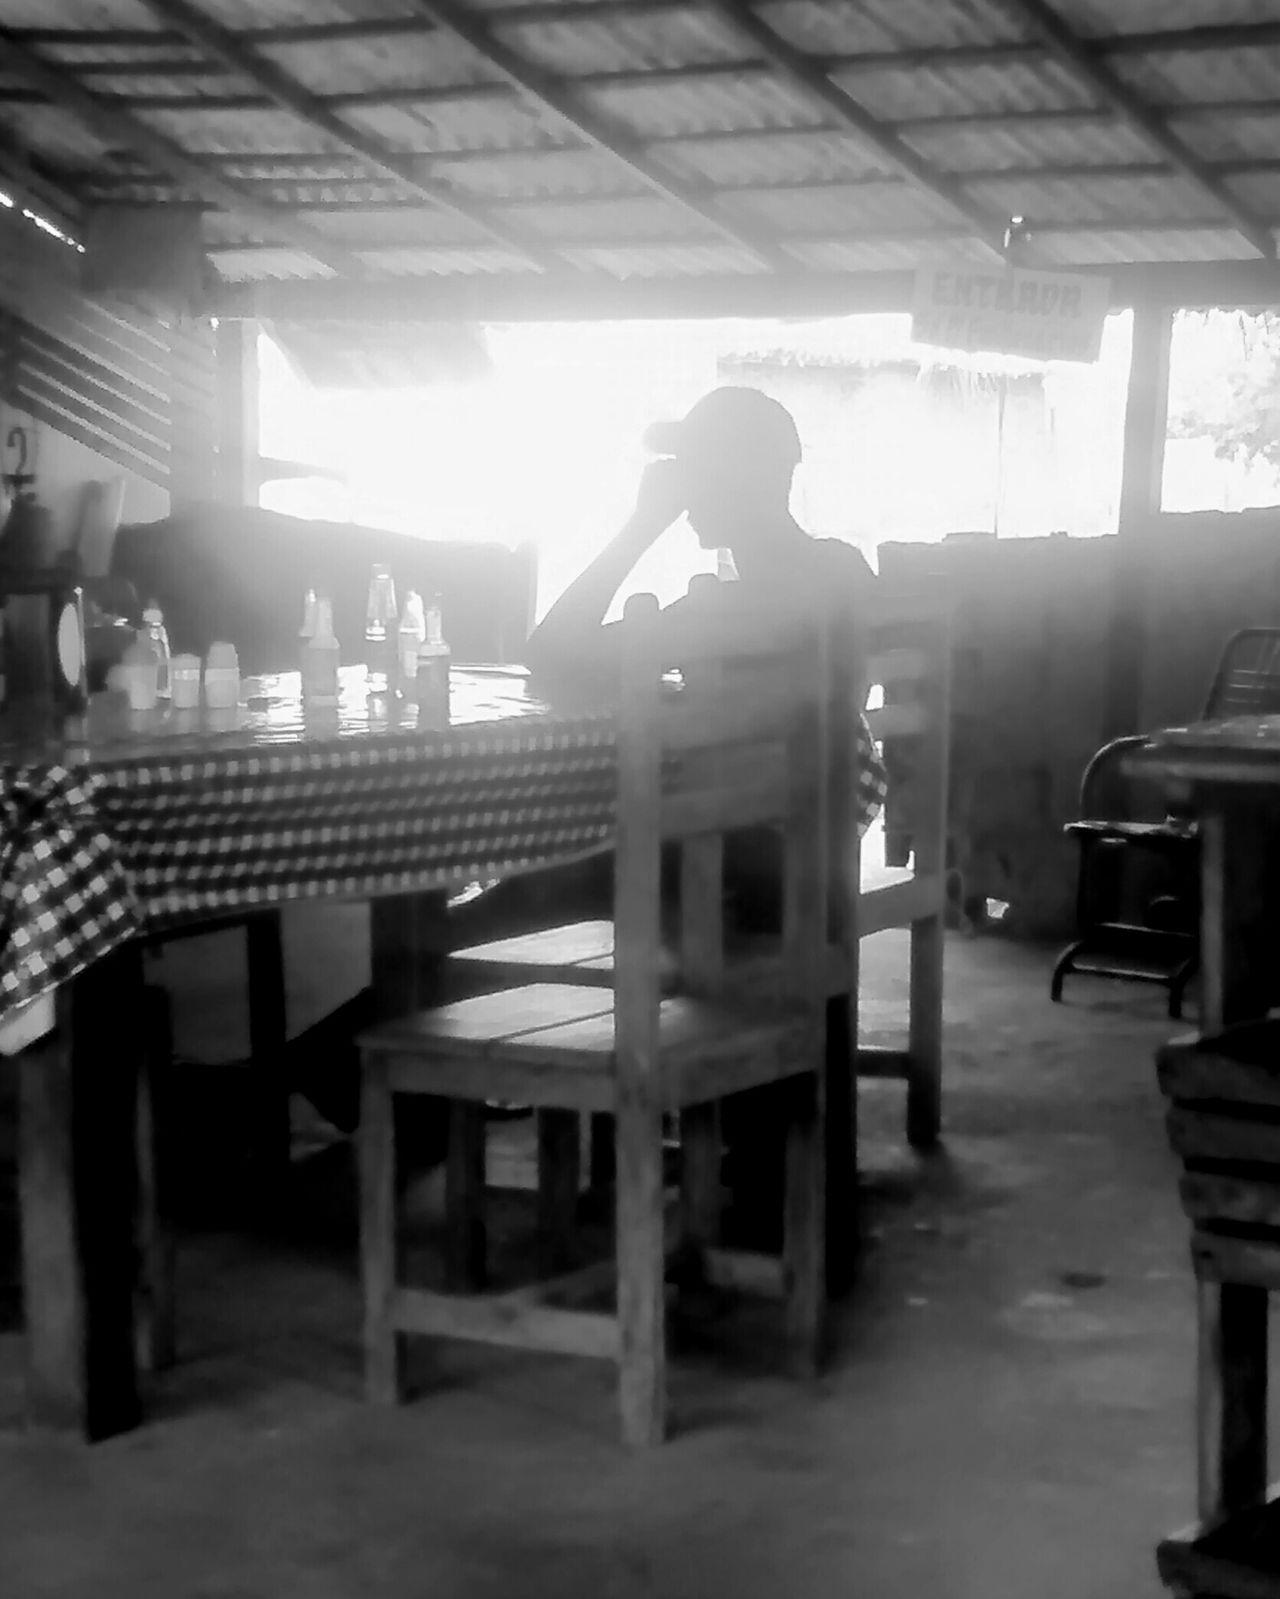 Black & White Black&white Blackandwhite Black And White Photography Pretoebranco Preto & Branco Blackandwhite Photography Streetphoto_bw Streetphotography Fotografia De Rua Cotidiano PhonePhotography